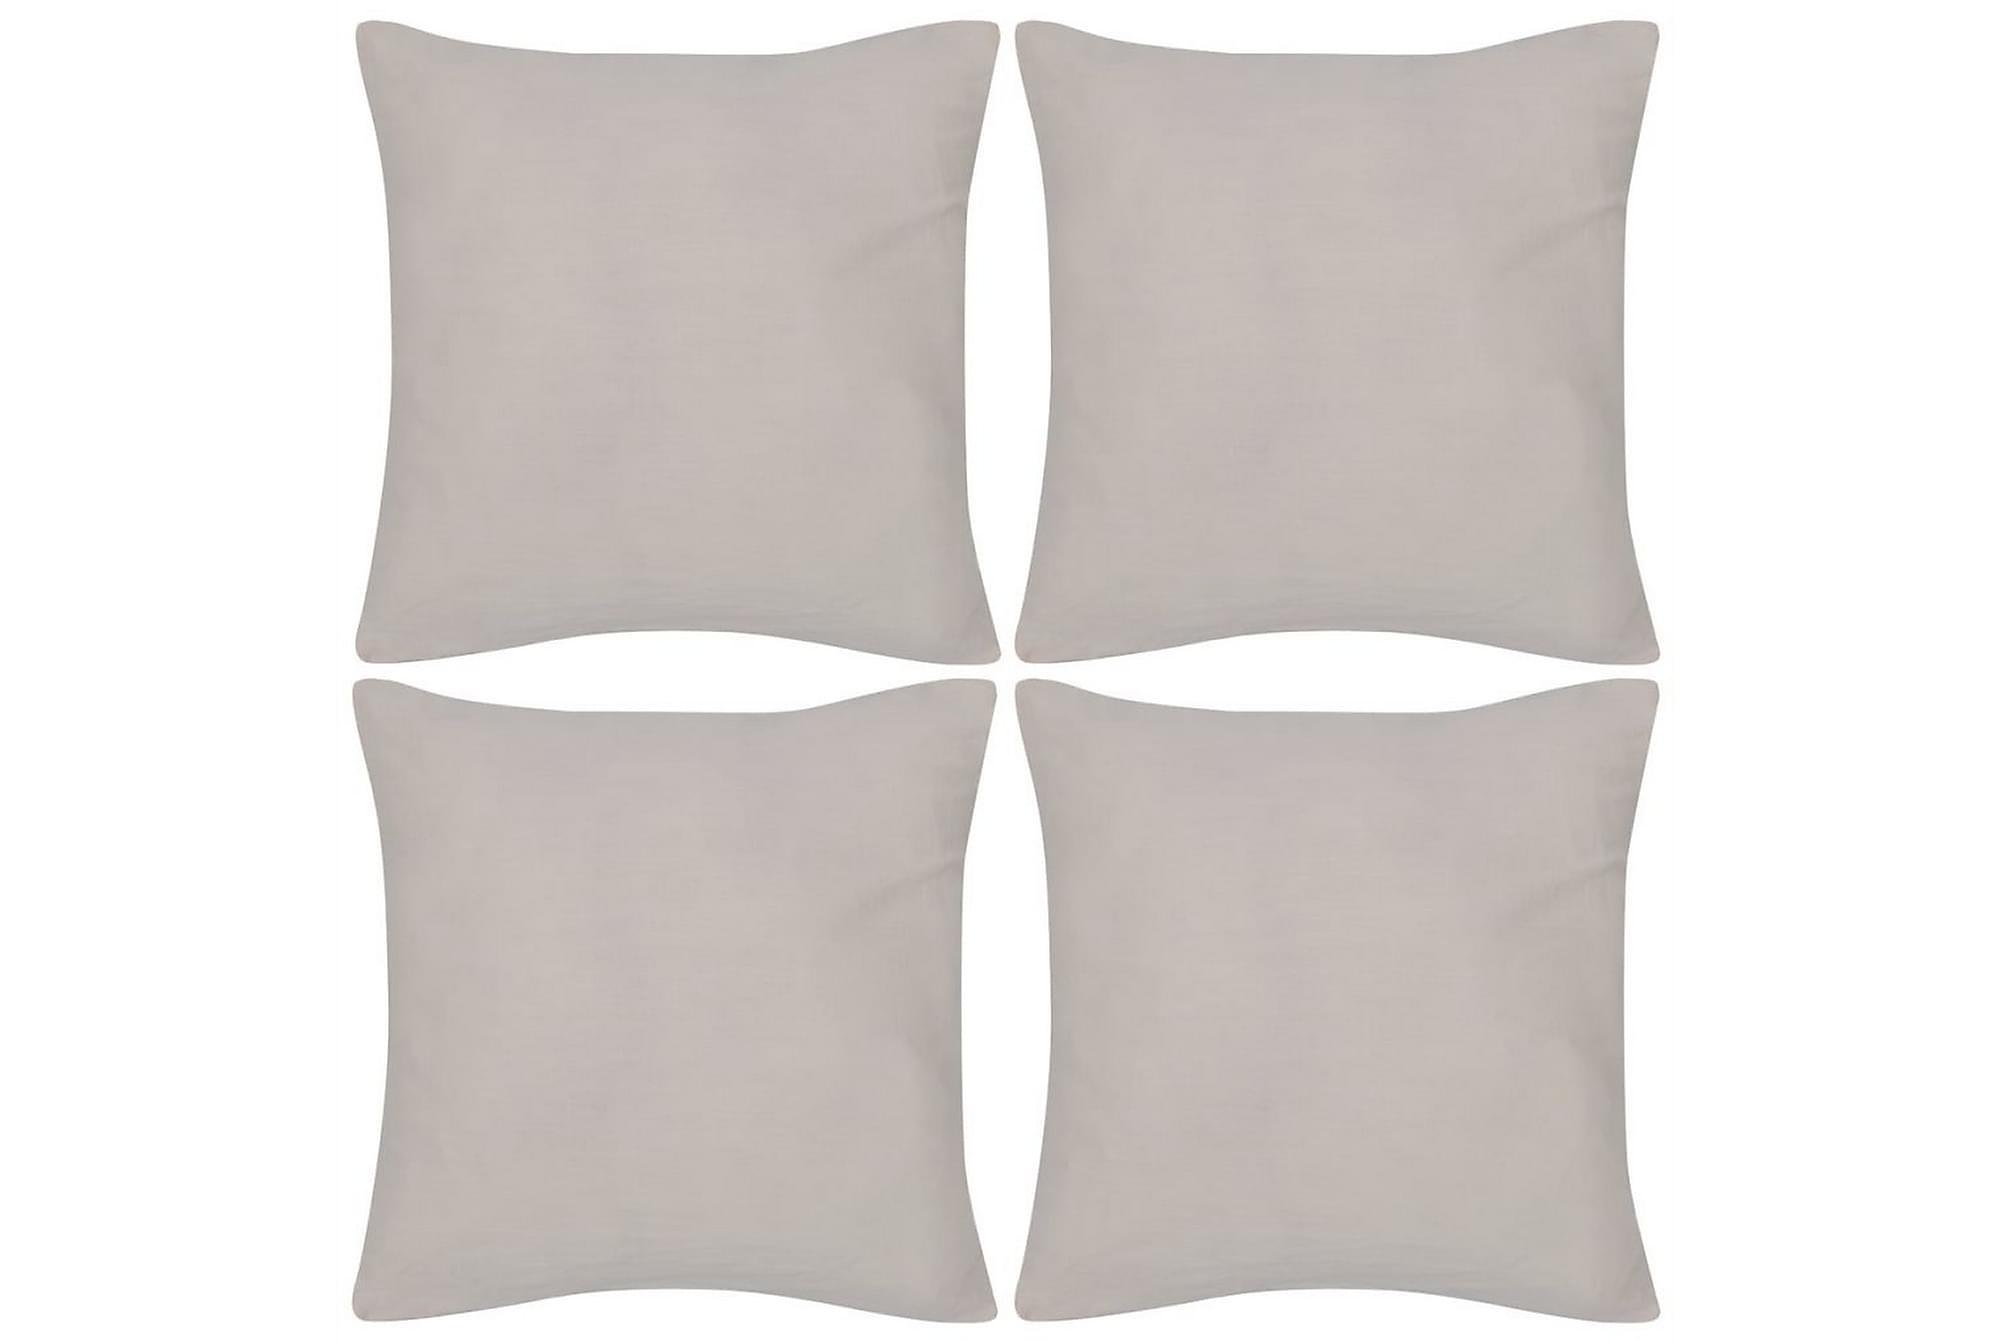 4 Kuddöverdrag i bomull beiga 50 x 50 cm, Prydnadskuddar & filtar